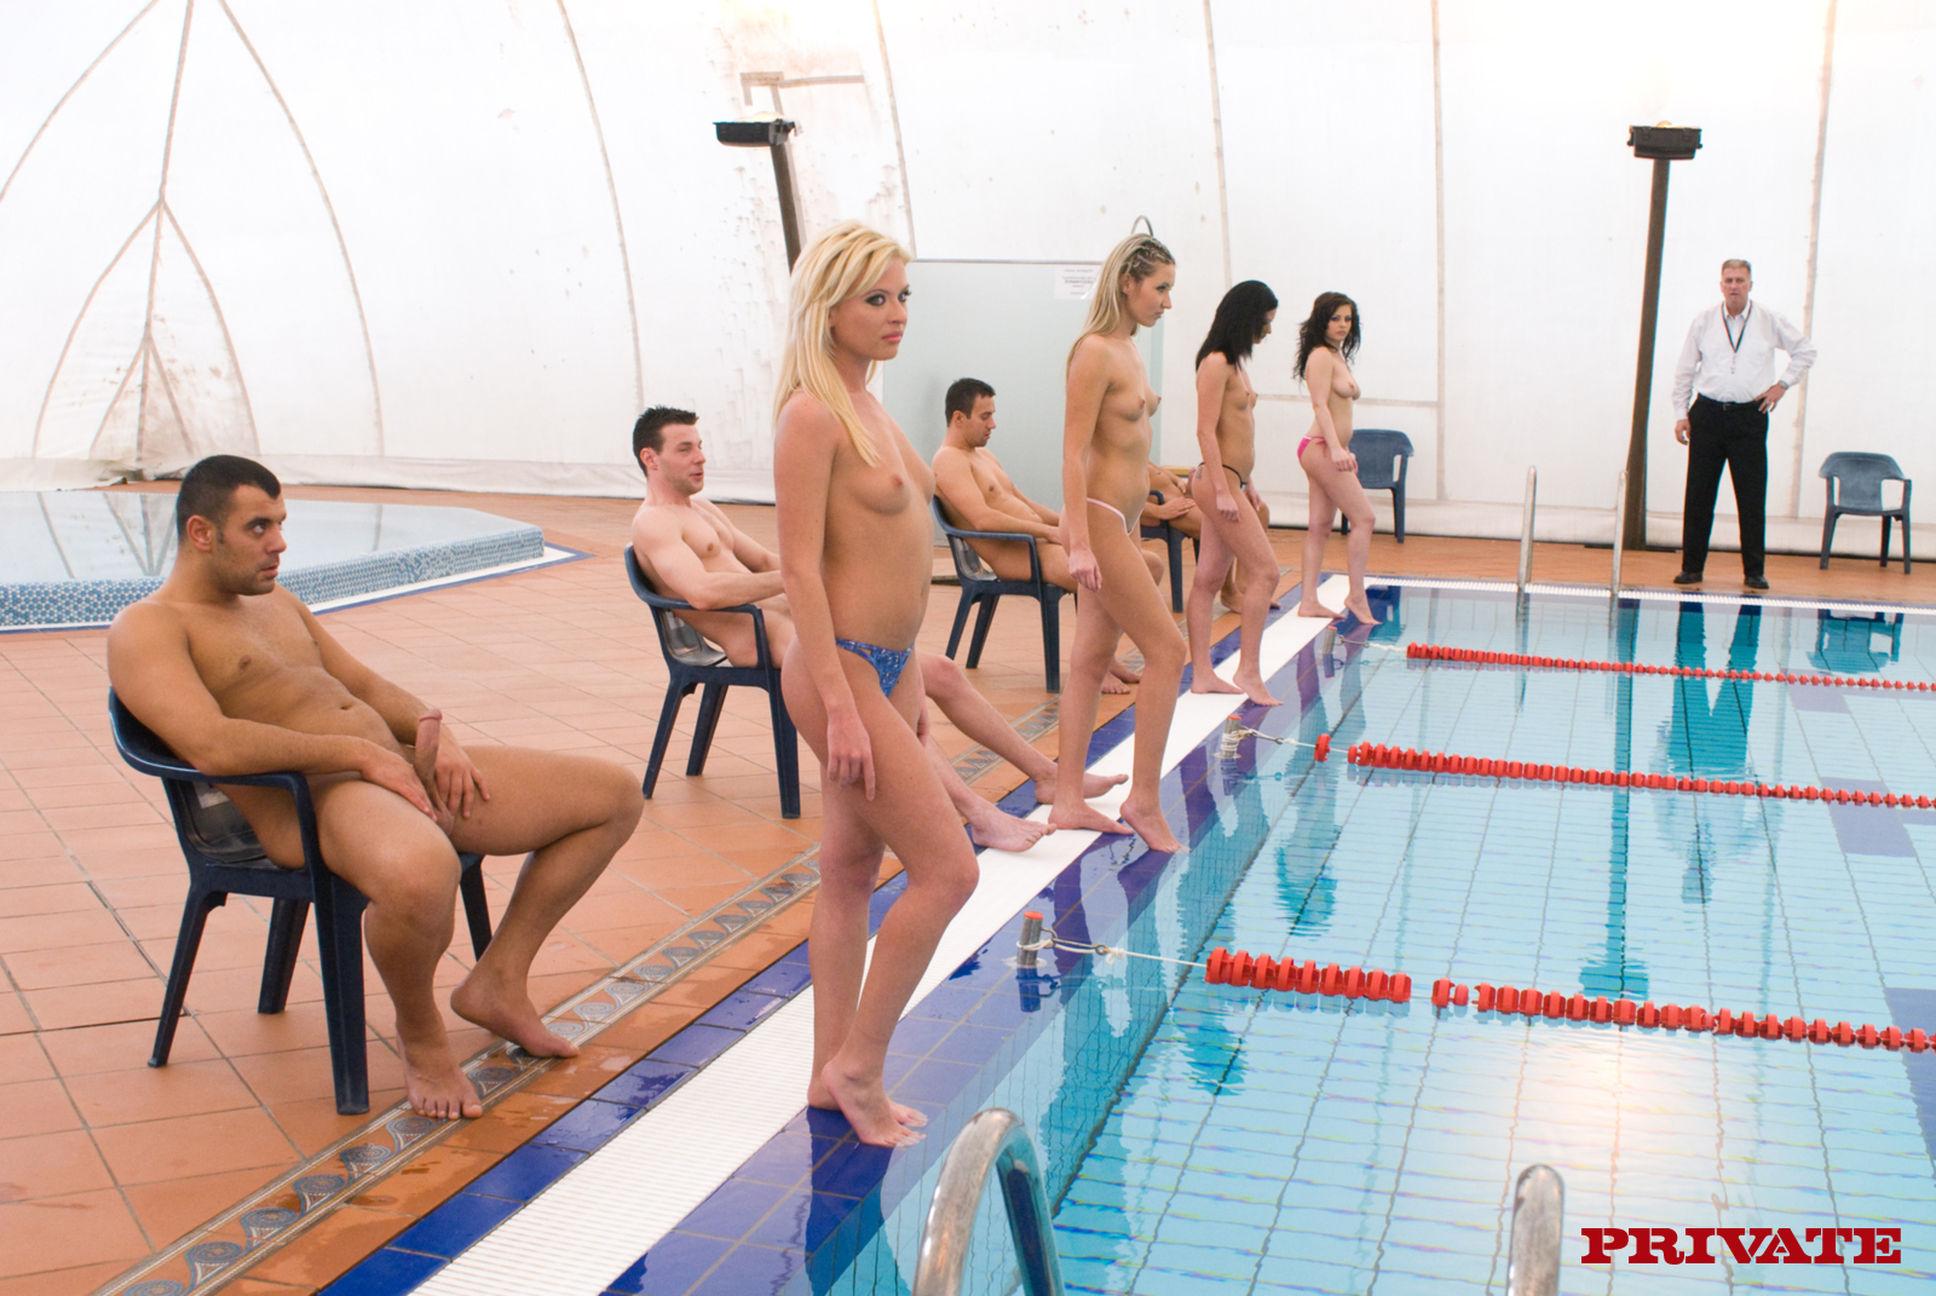 Смотреть голые спортсменки на тренировке 12 фотография